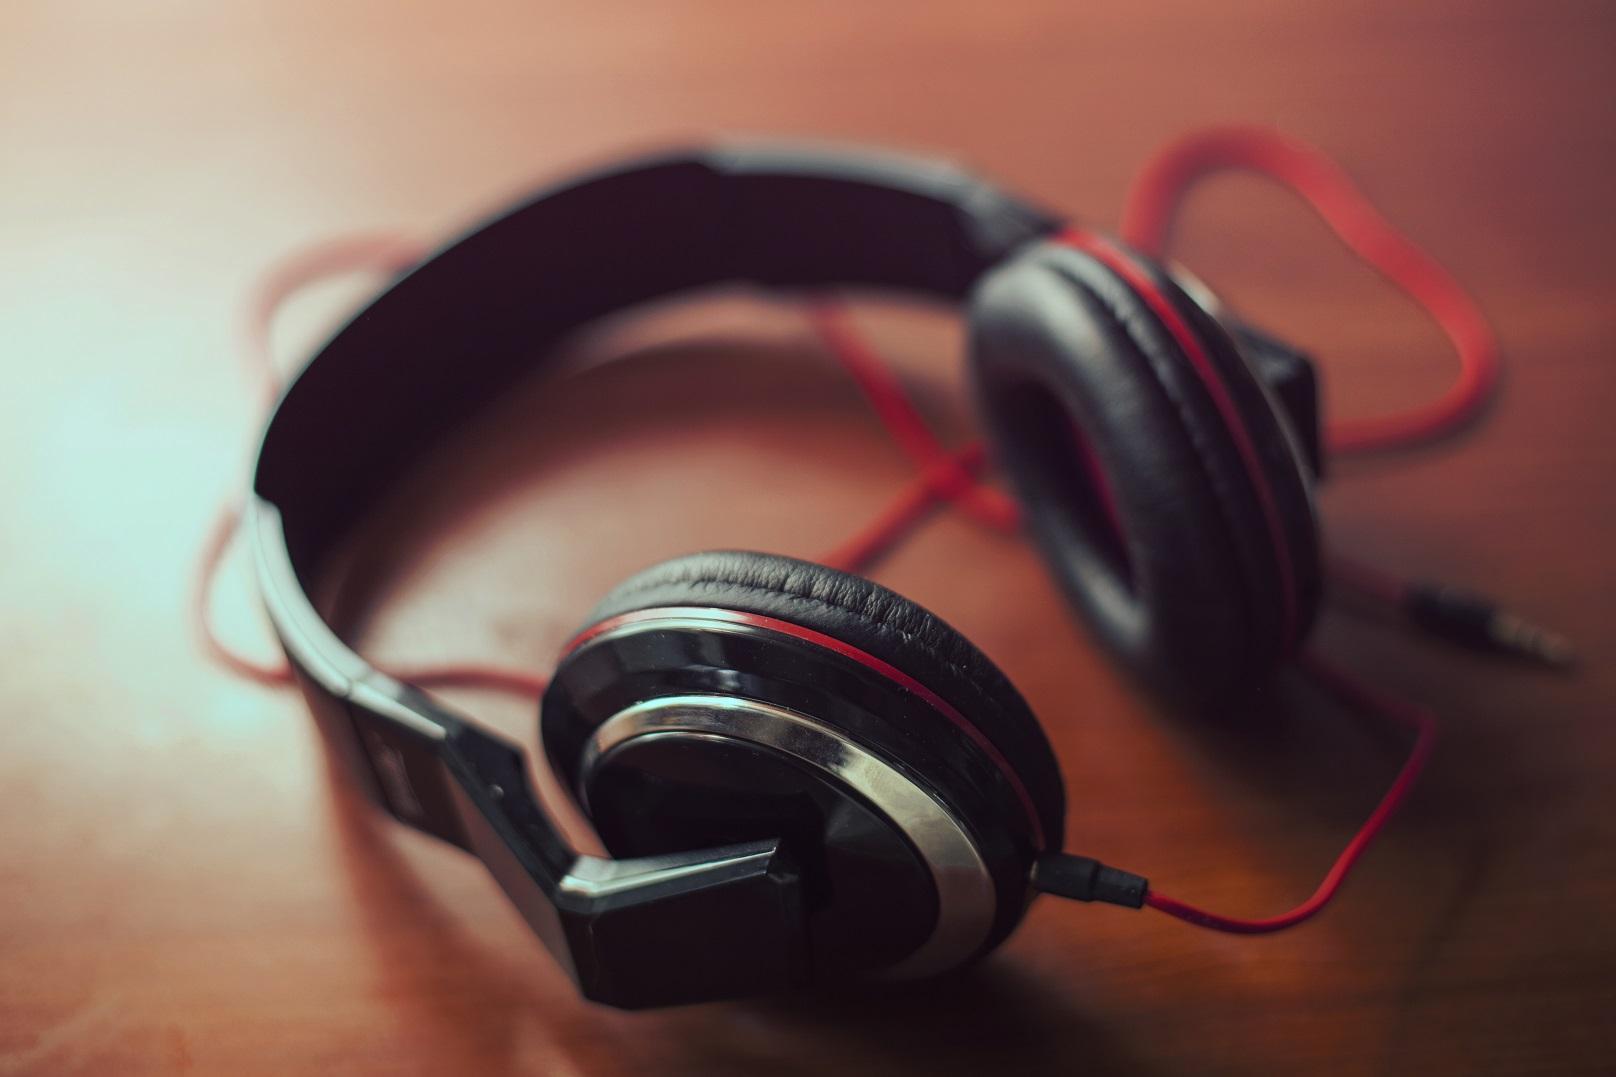 teknologi-musik-sound-ting